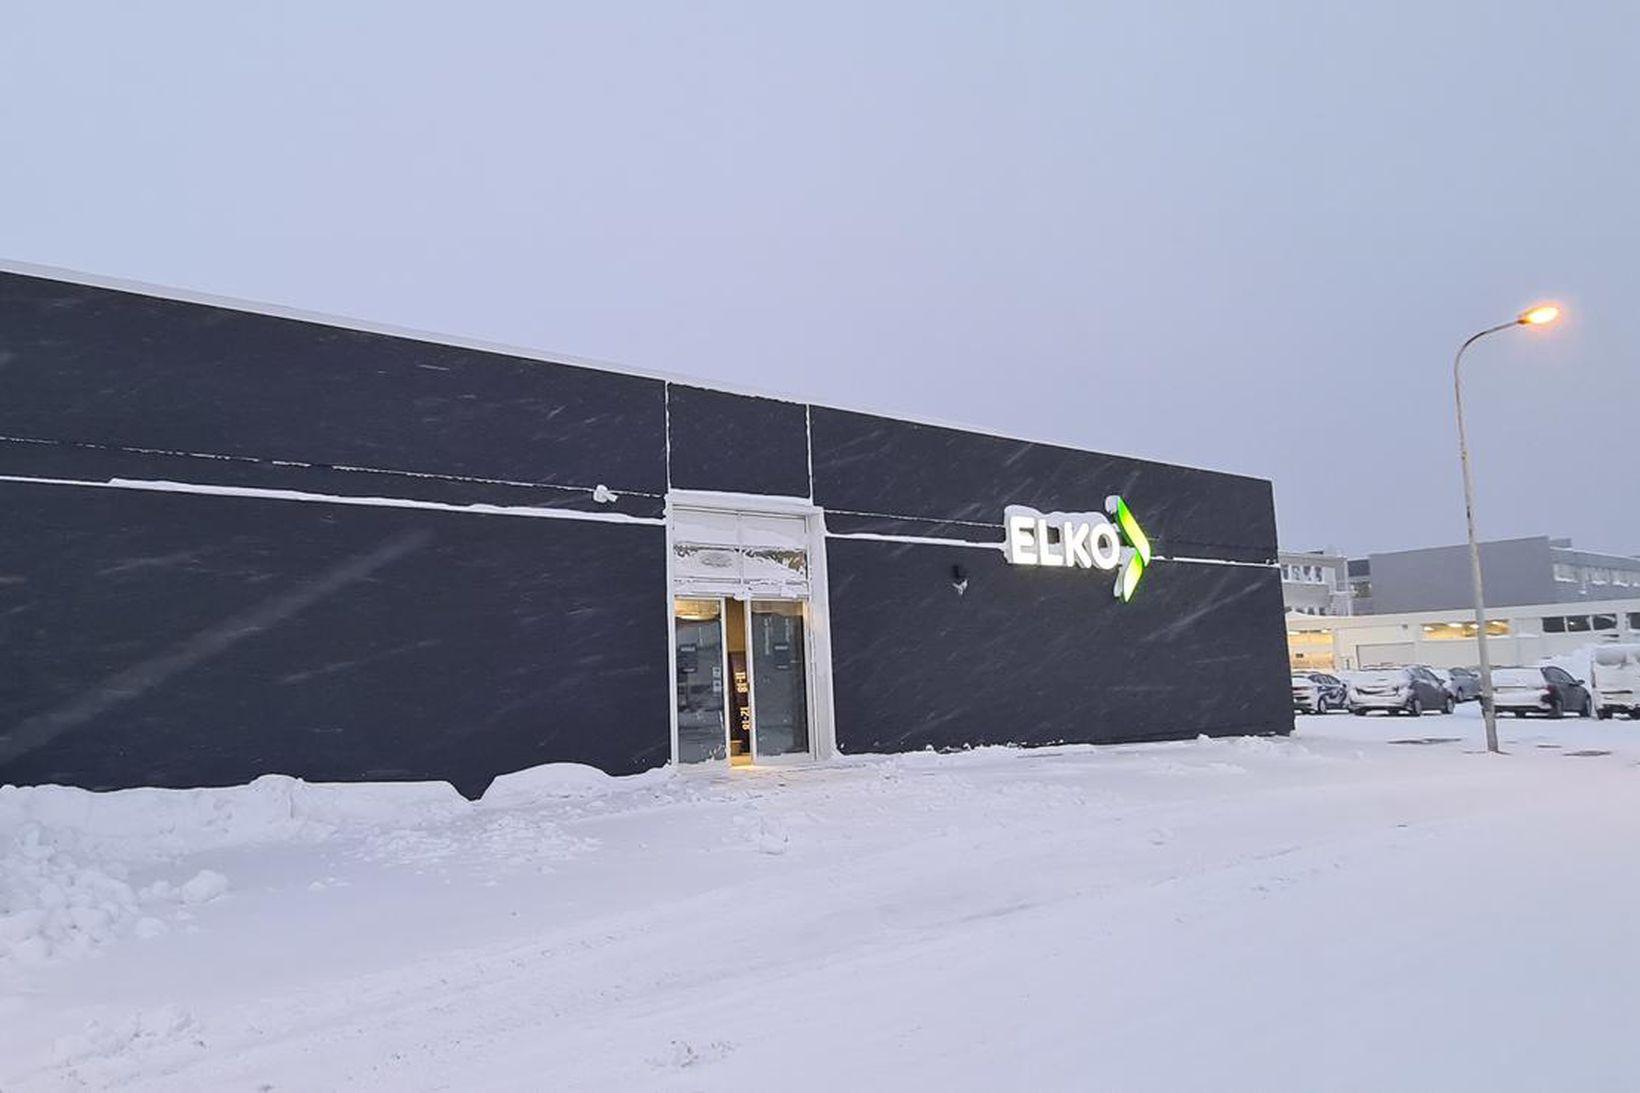 Elko opnar á Akureyri á morgun